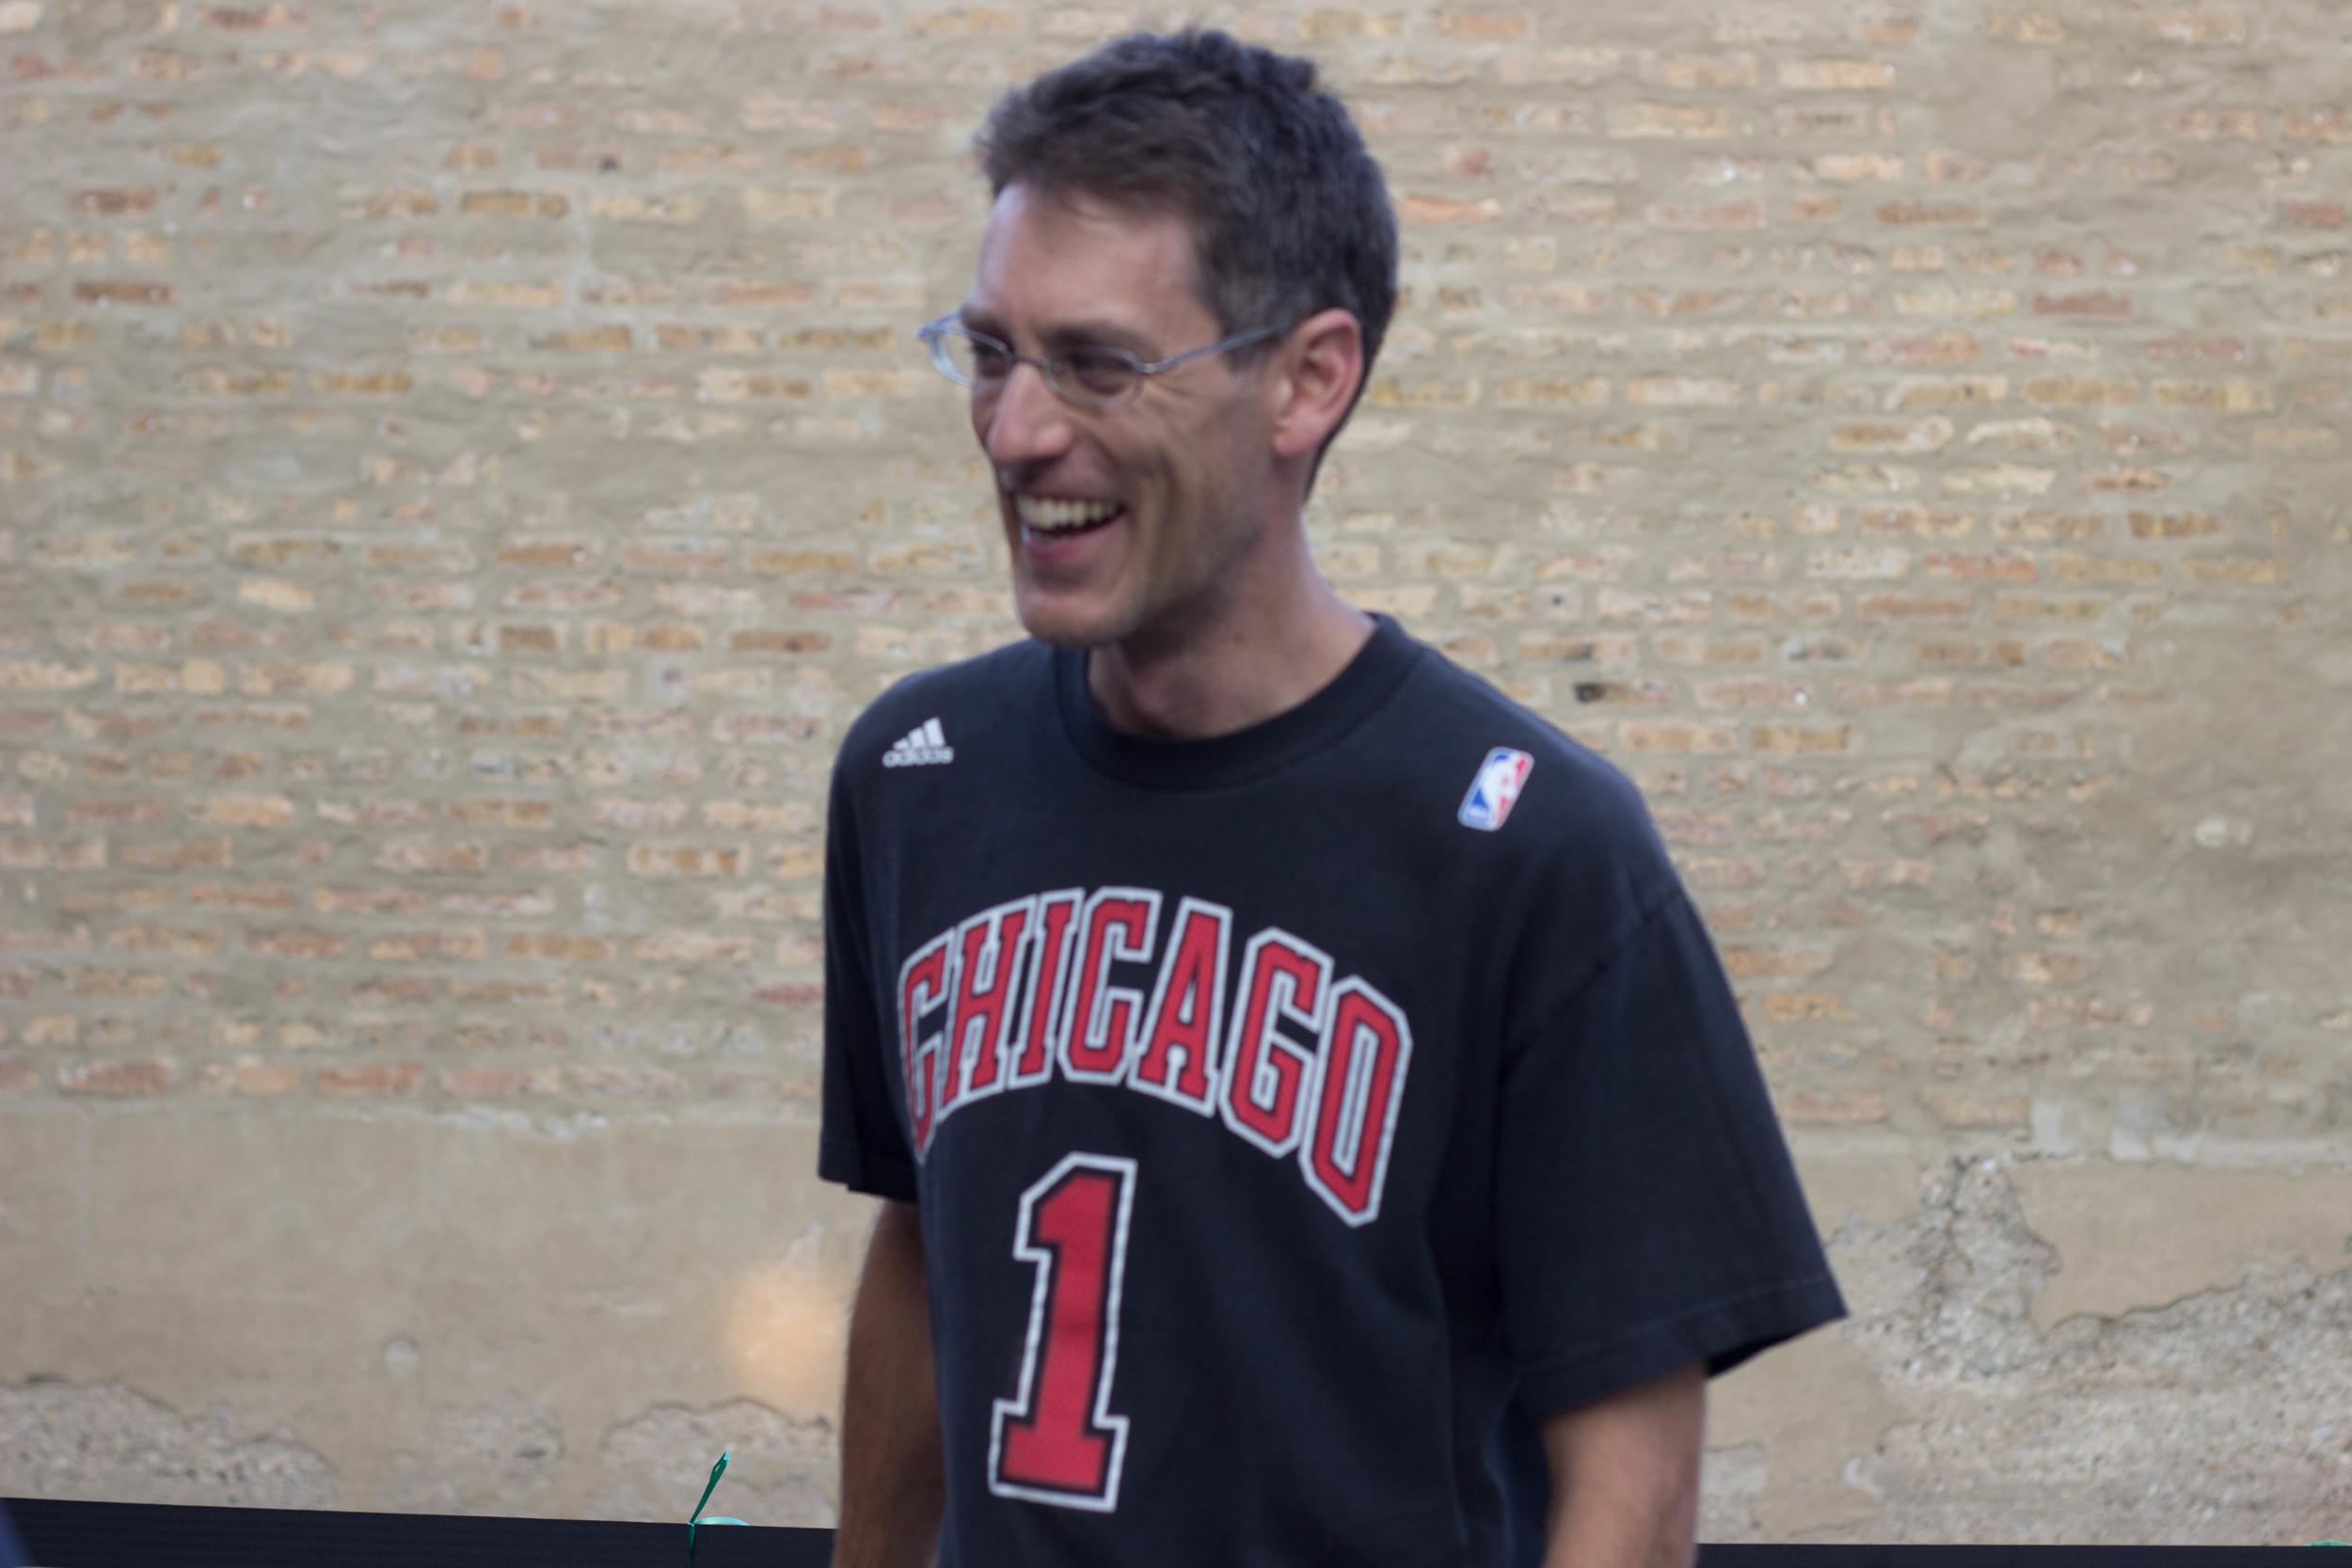 engstroms_chicago-26.jpg